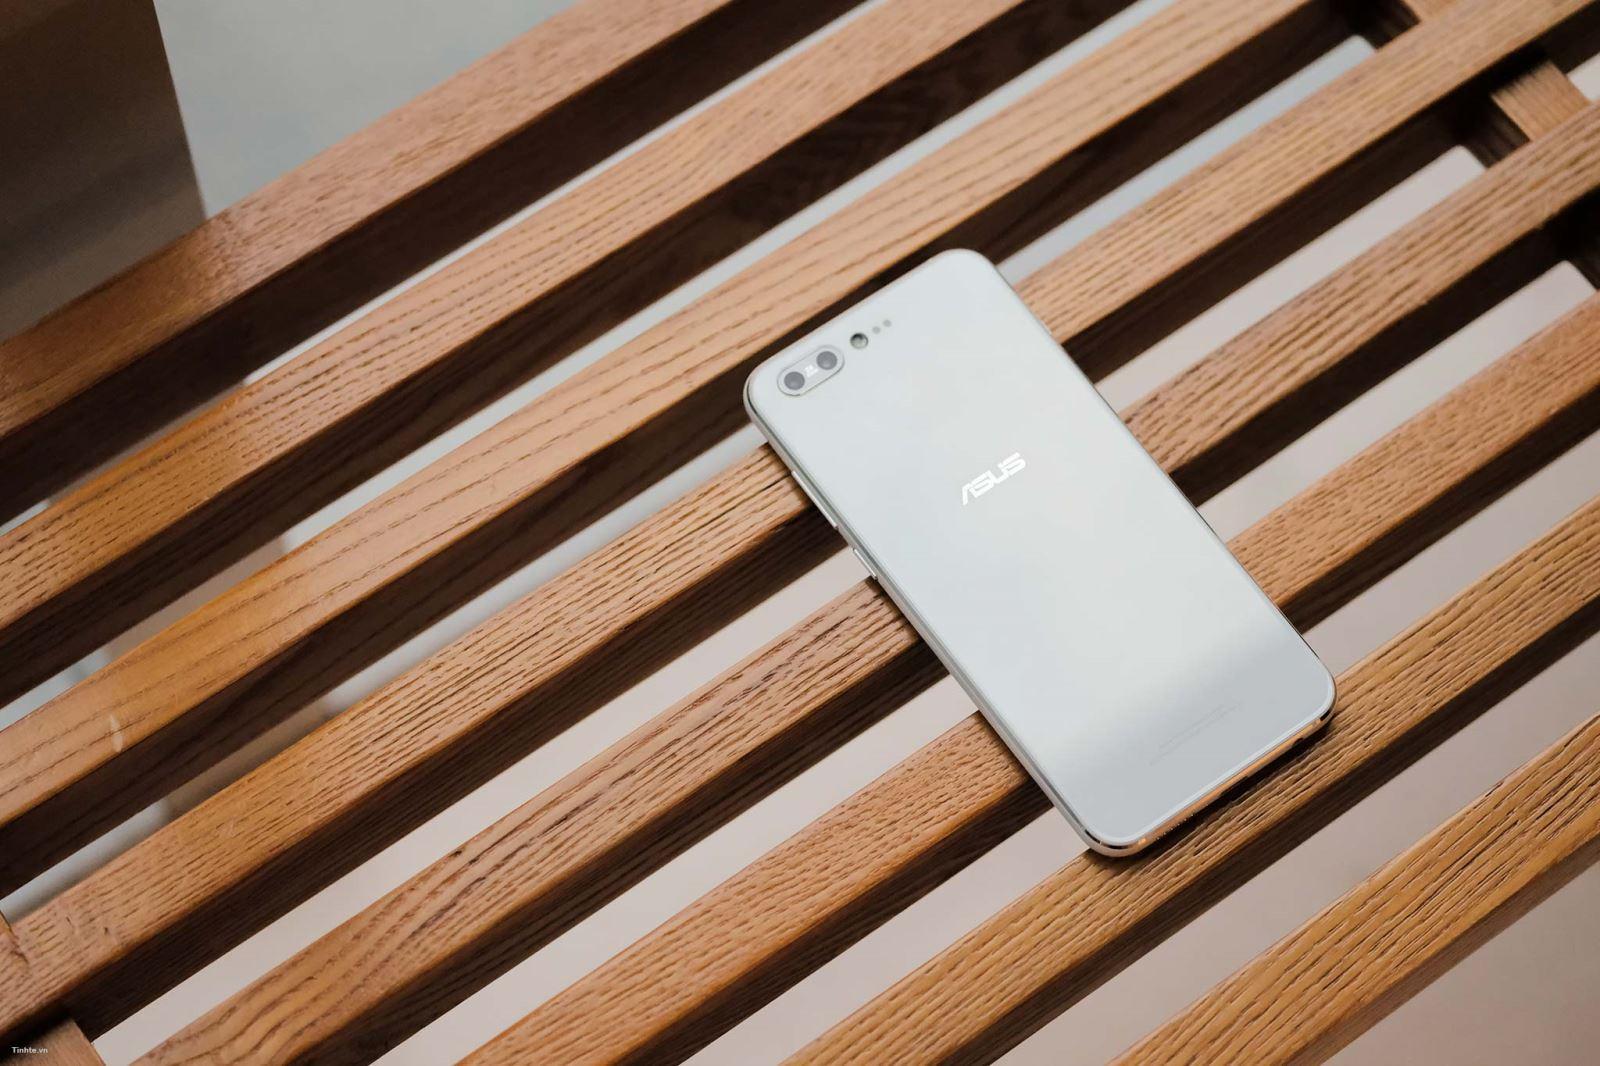 Chiếc Zenfone 4 Pro cao cấp nhất thì vẫn chưa có thông tin gì, những chúng ta hãy cùng ngắm những hình ảnh thực tế và chính hãng của máy nhé.